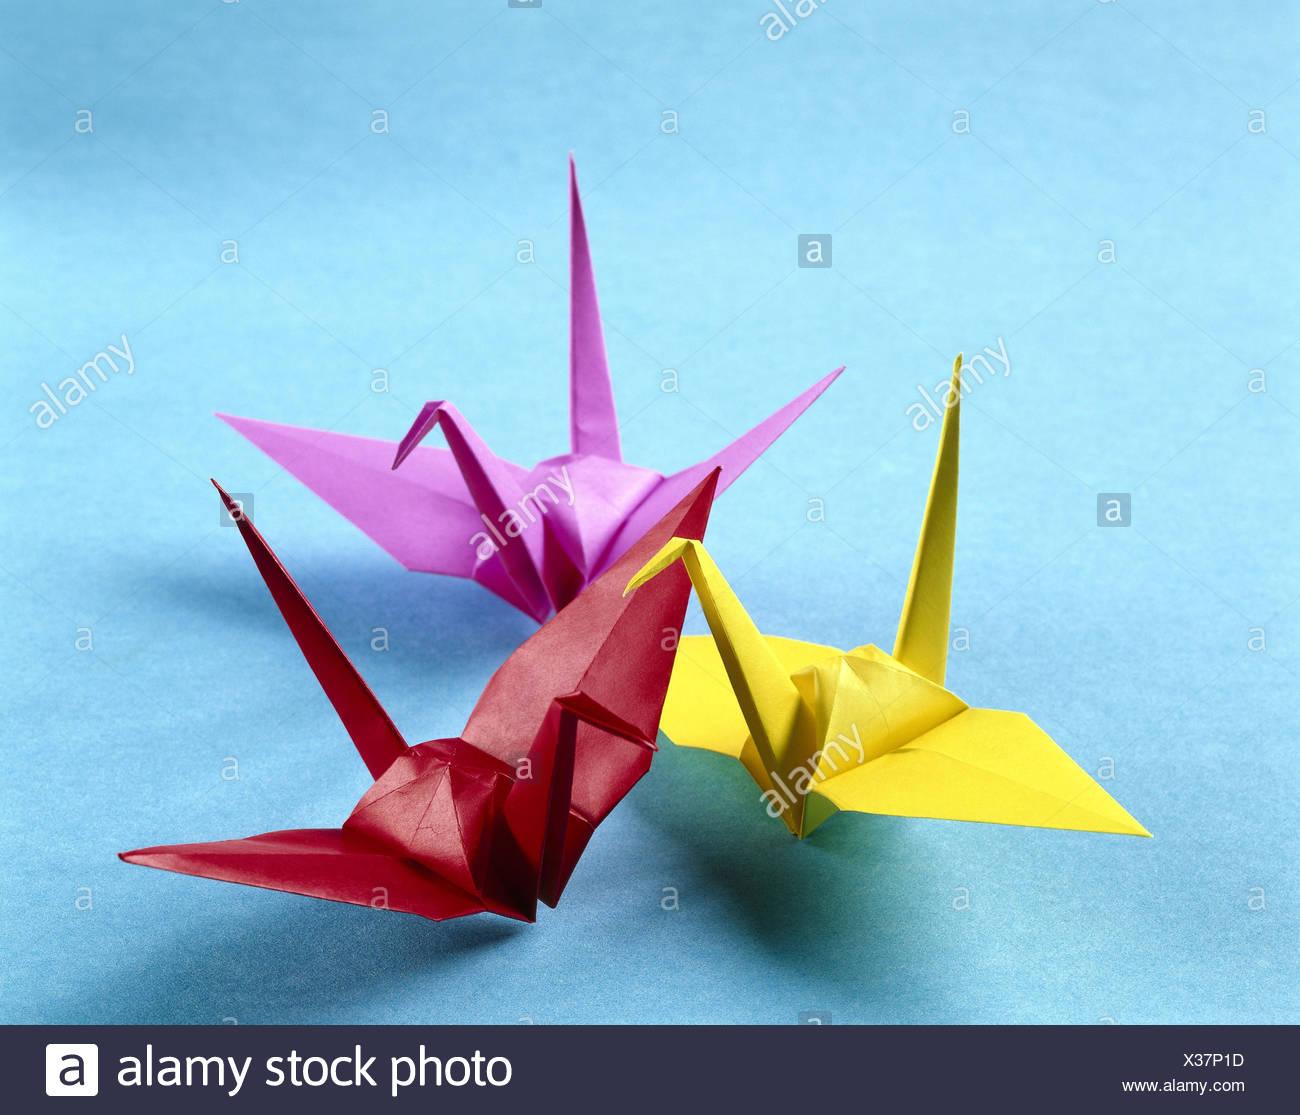 Extrem Origami, die japanische Papierfalten Kunst, Tiere, Vögel, hell EH46